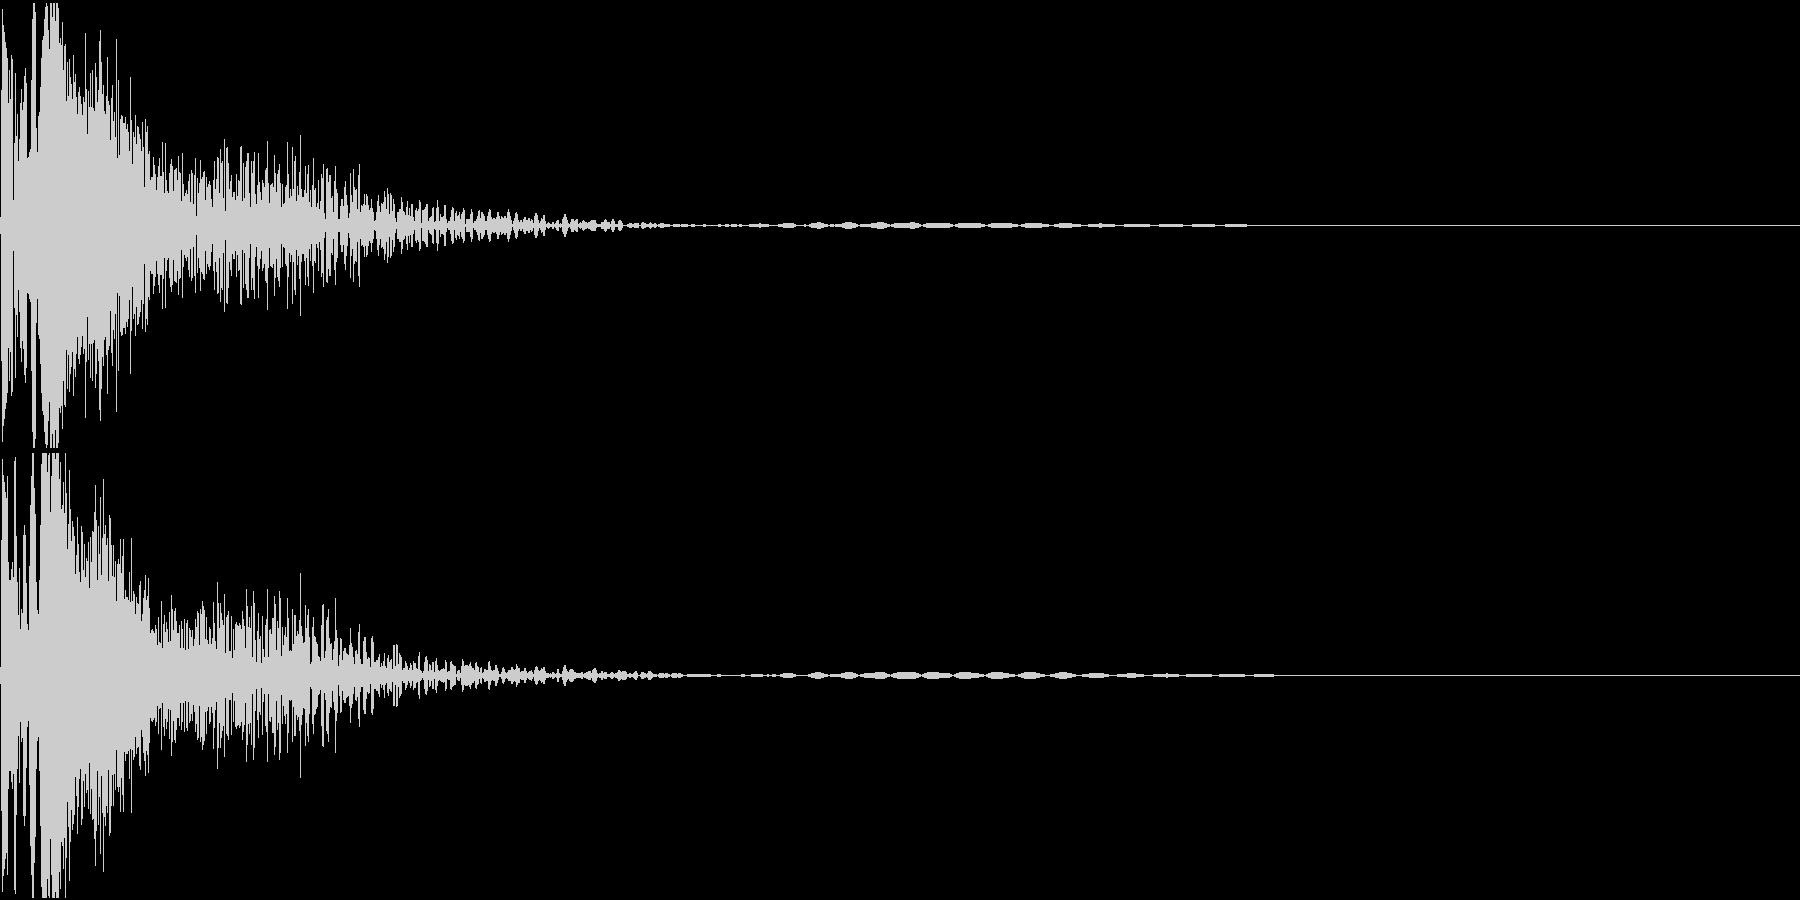 laserGun SFチックな銃声の未再生の波形